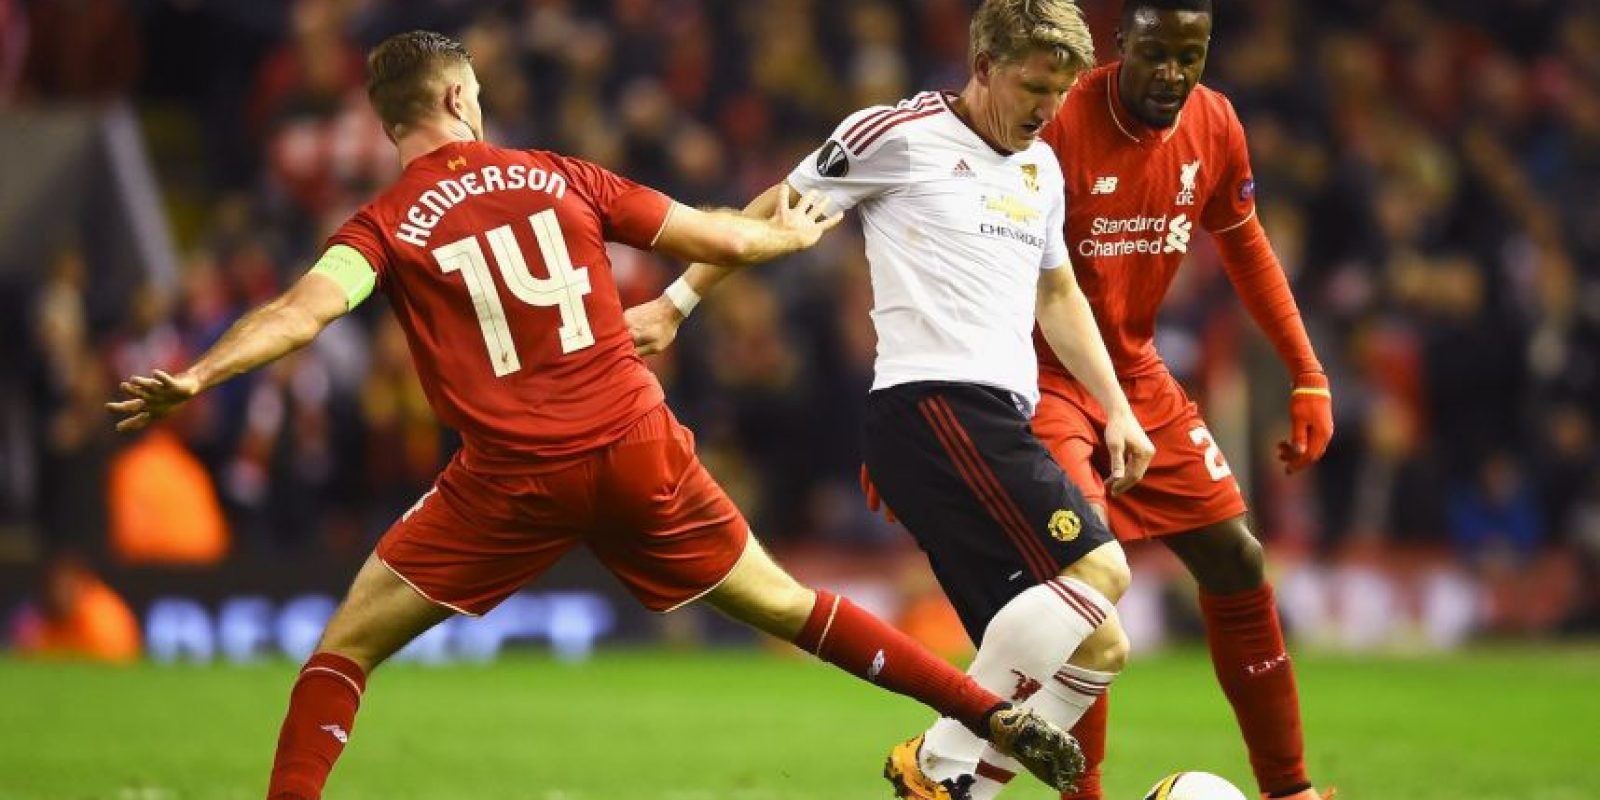 Se define el derbi inglés en los octavos de final de la Europa League Foto:Getty Images